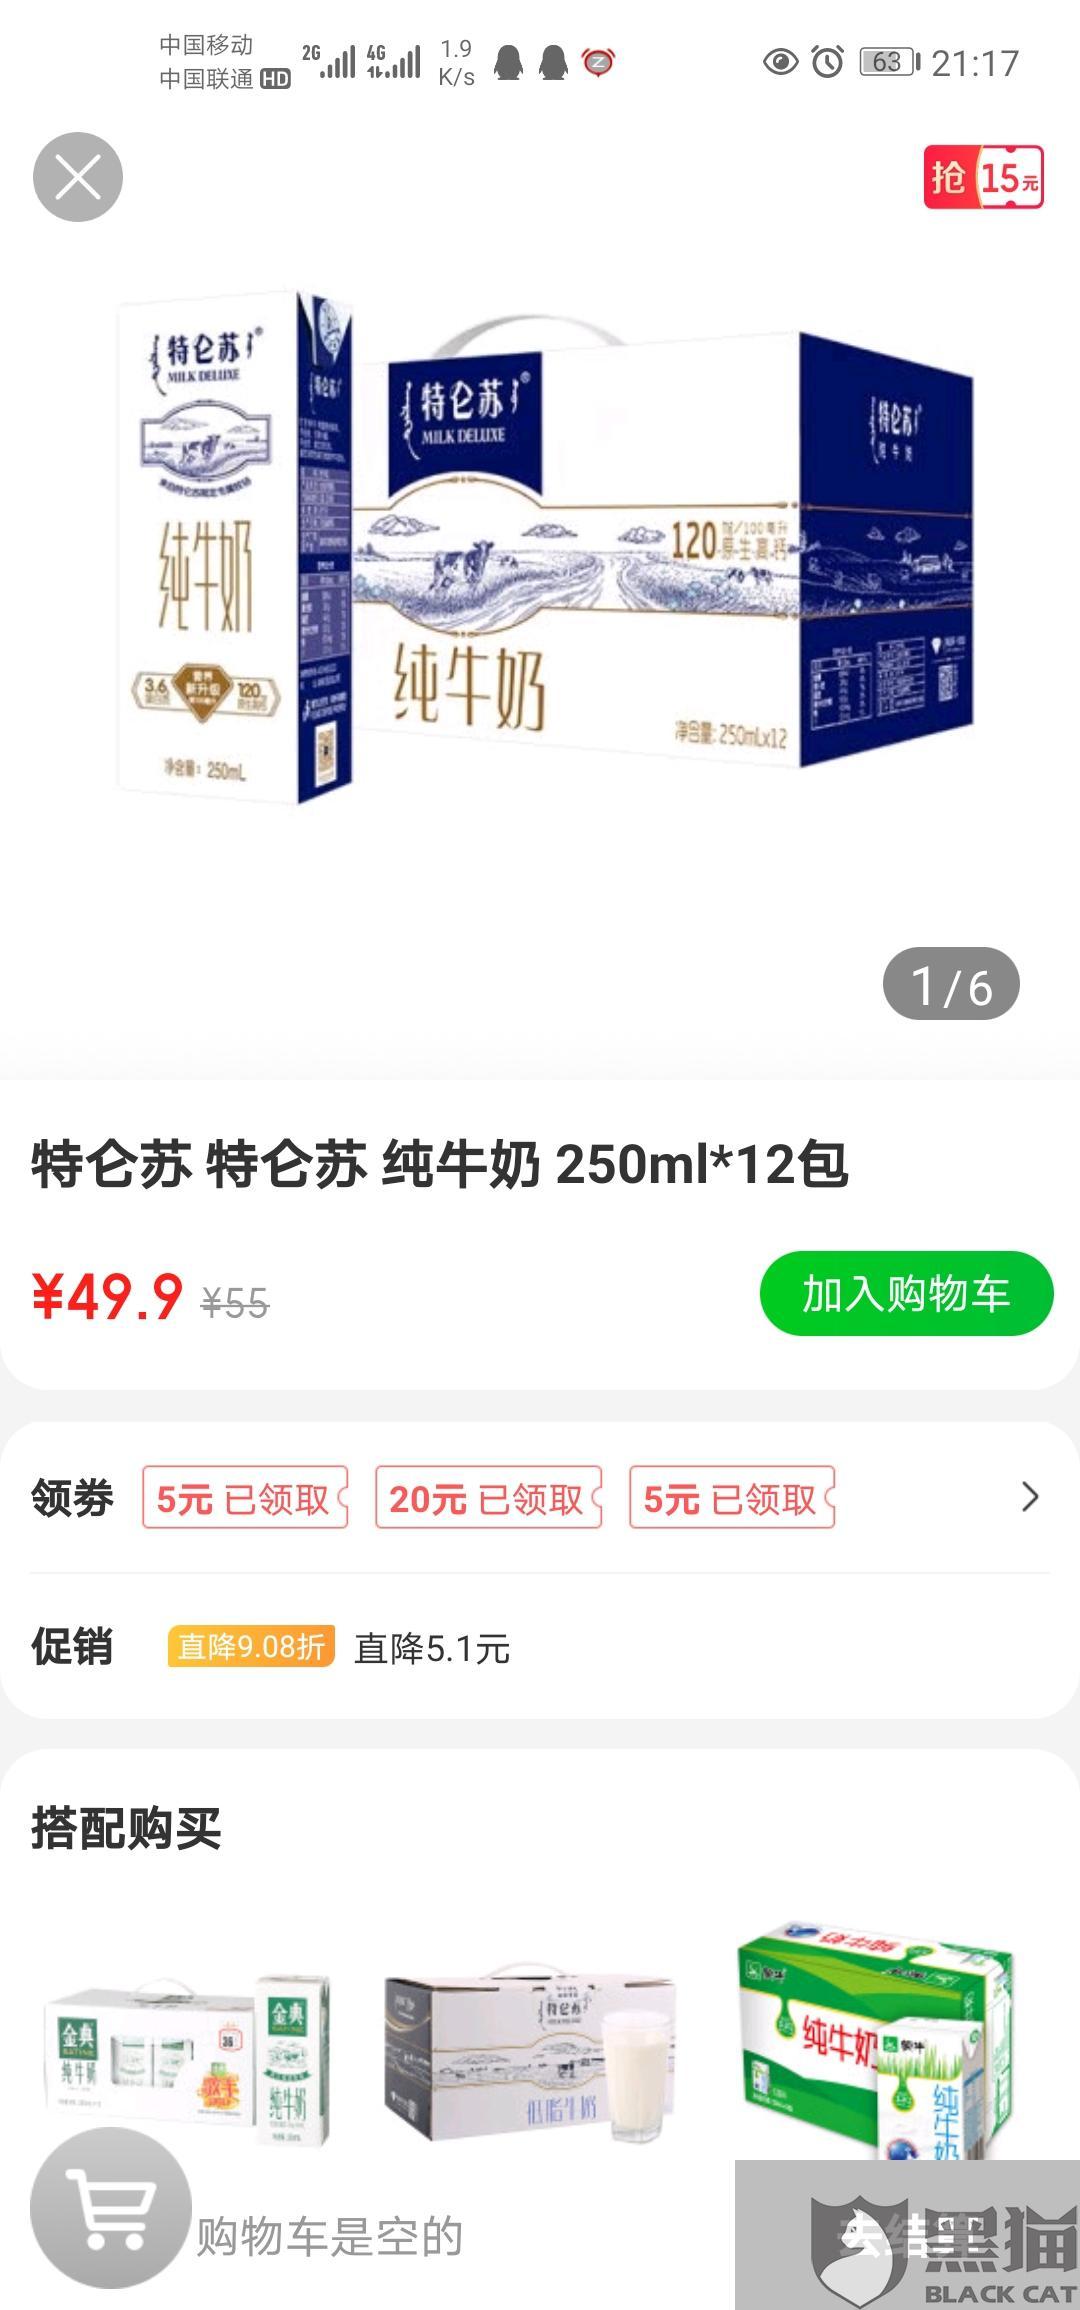 http://www.880759.com/qichexiaofei/24377.html